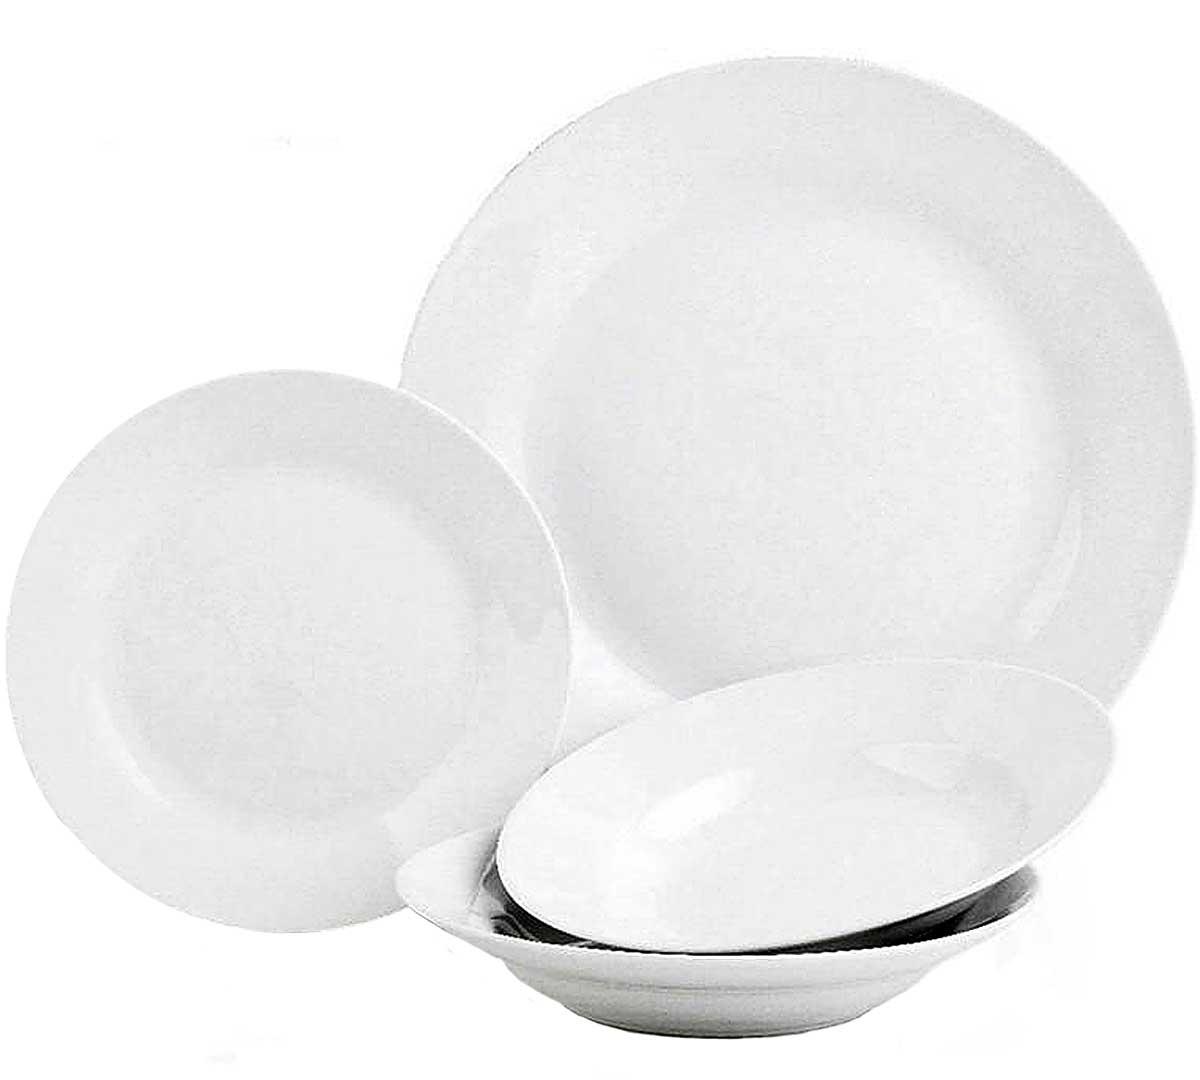 Vajillas Profesionales de Porcelana para Bar y Restaurante 63c7617c743b